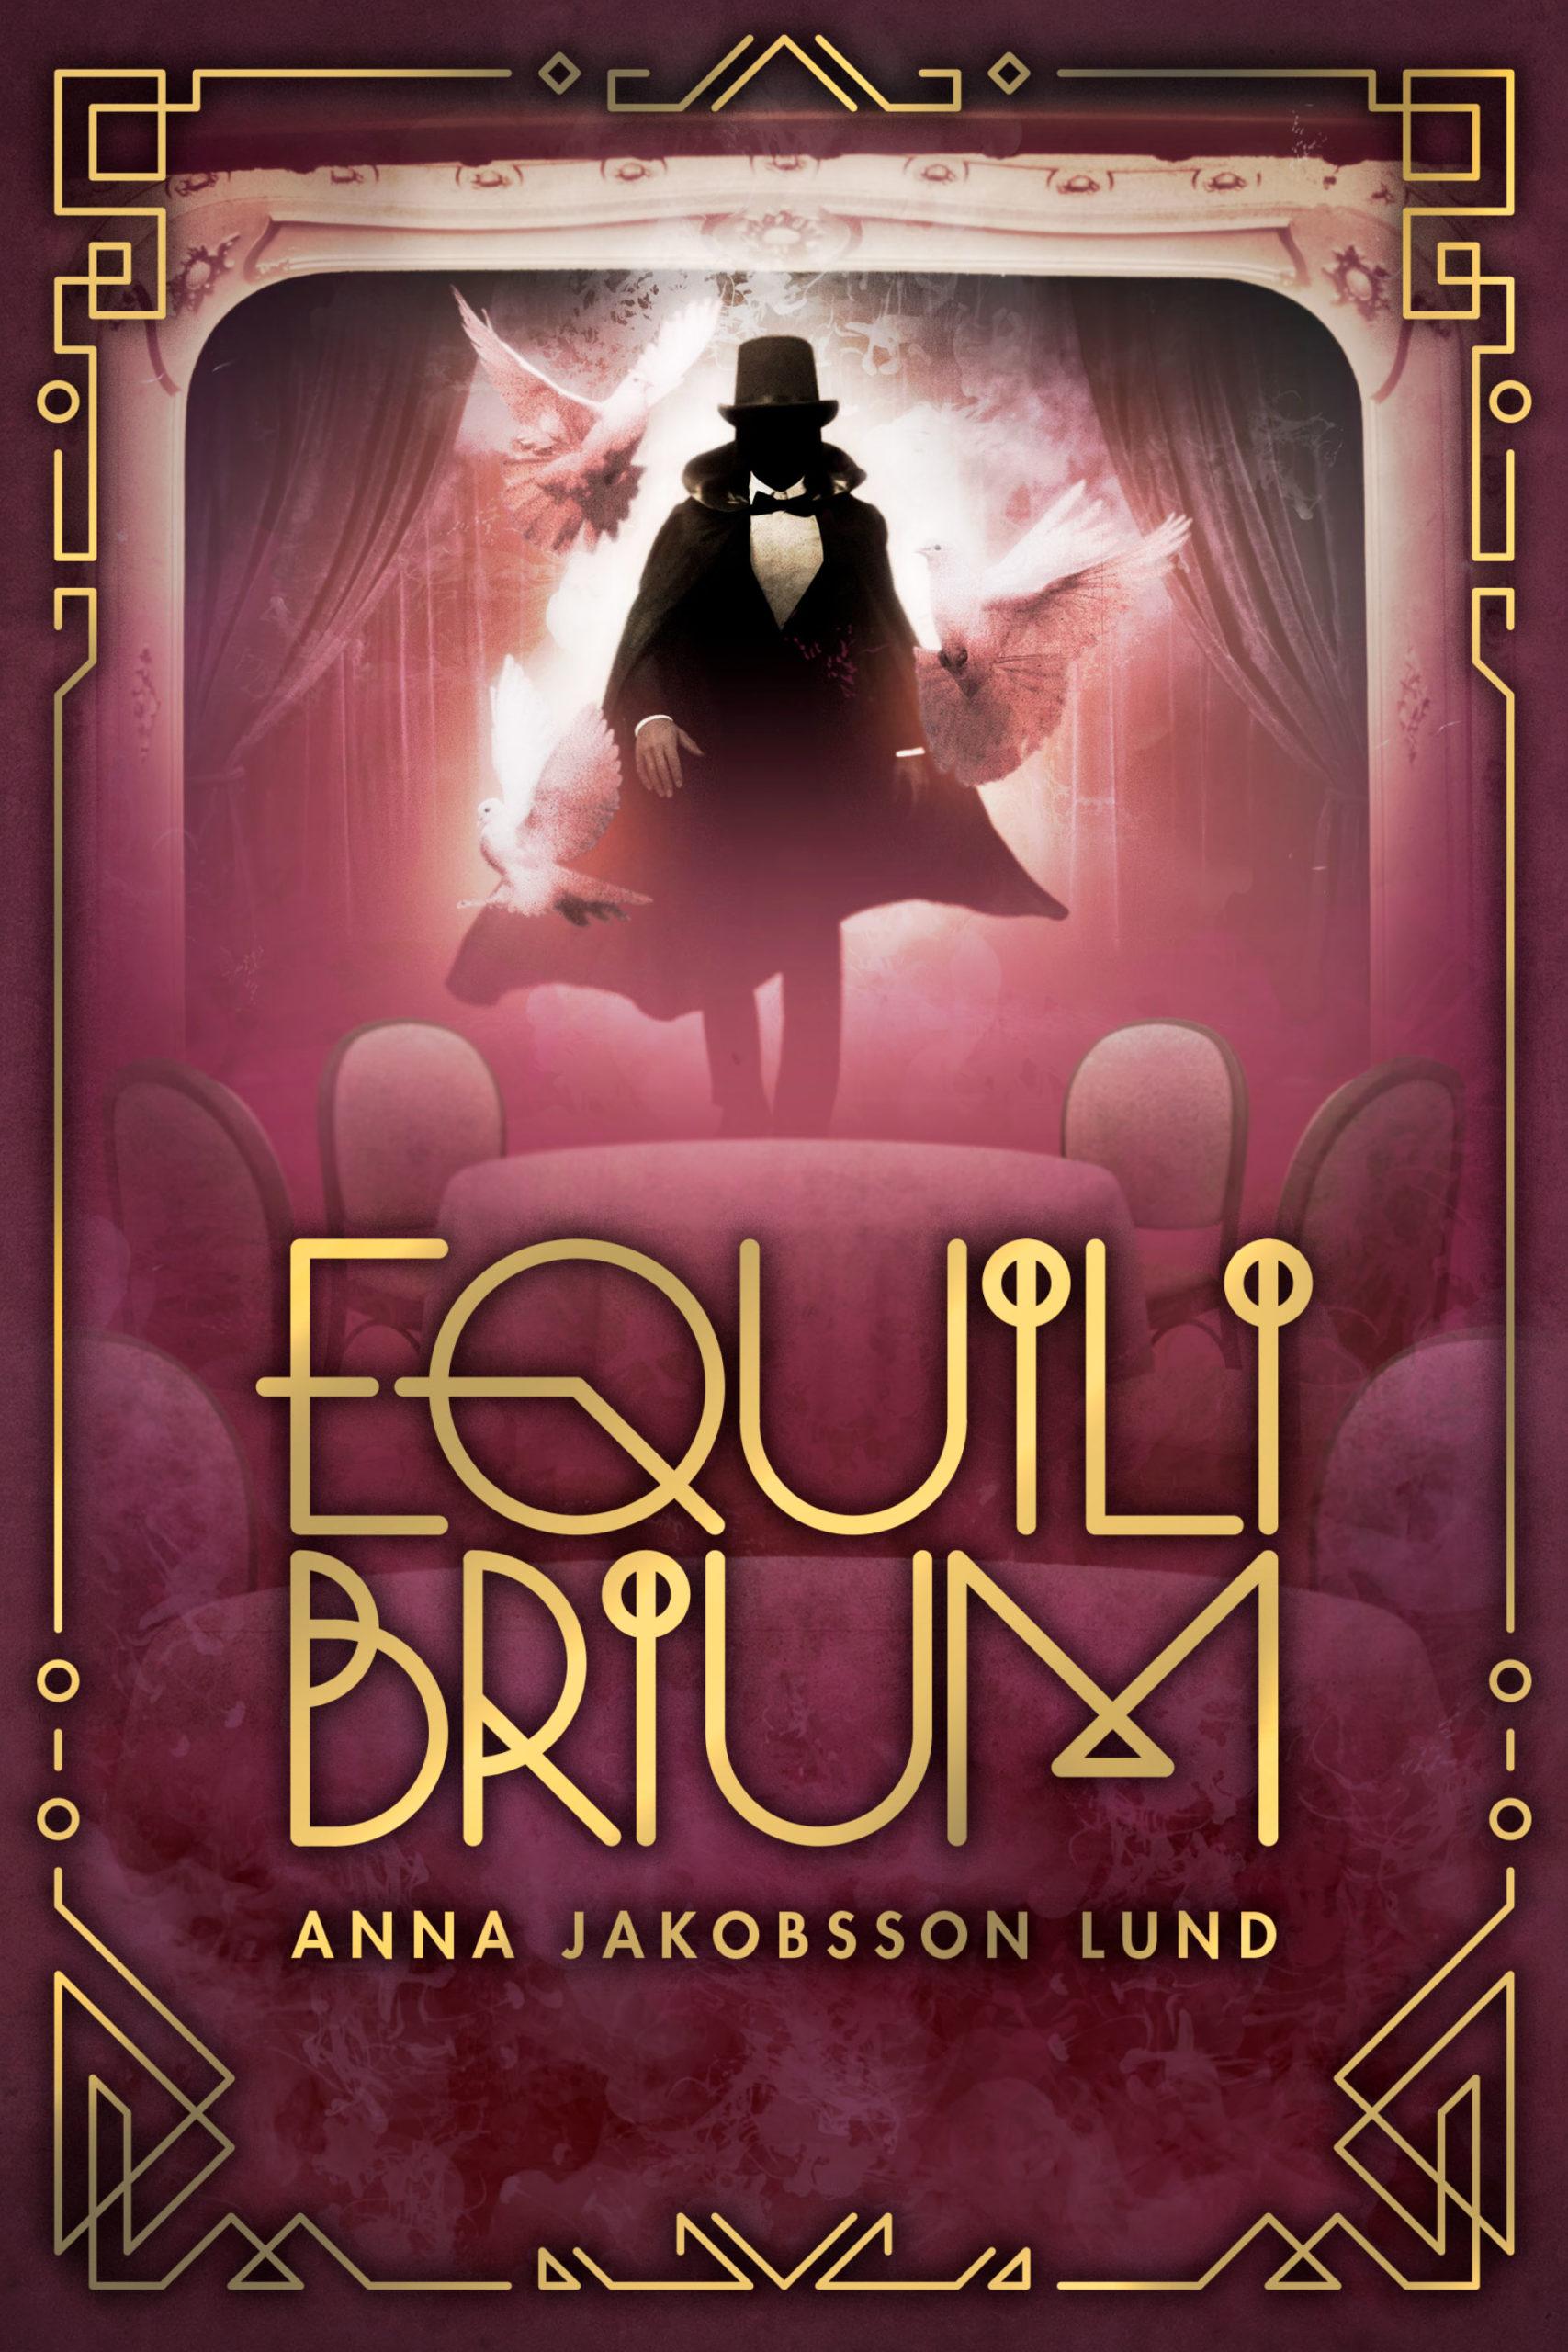 Equilibrium, Anna Jakobsson Lund